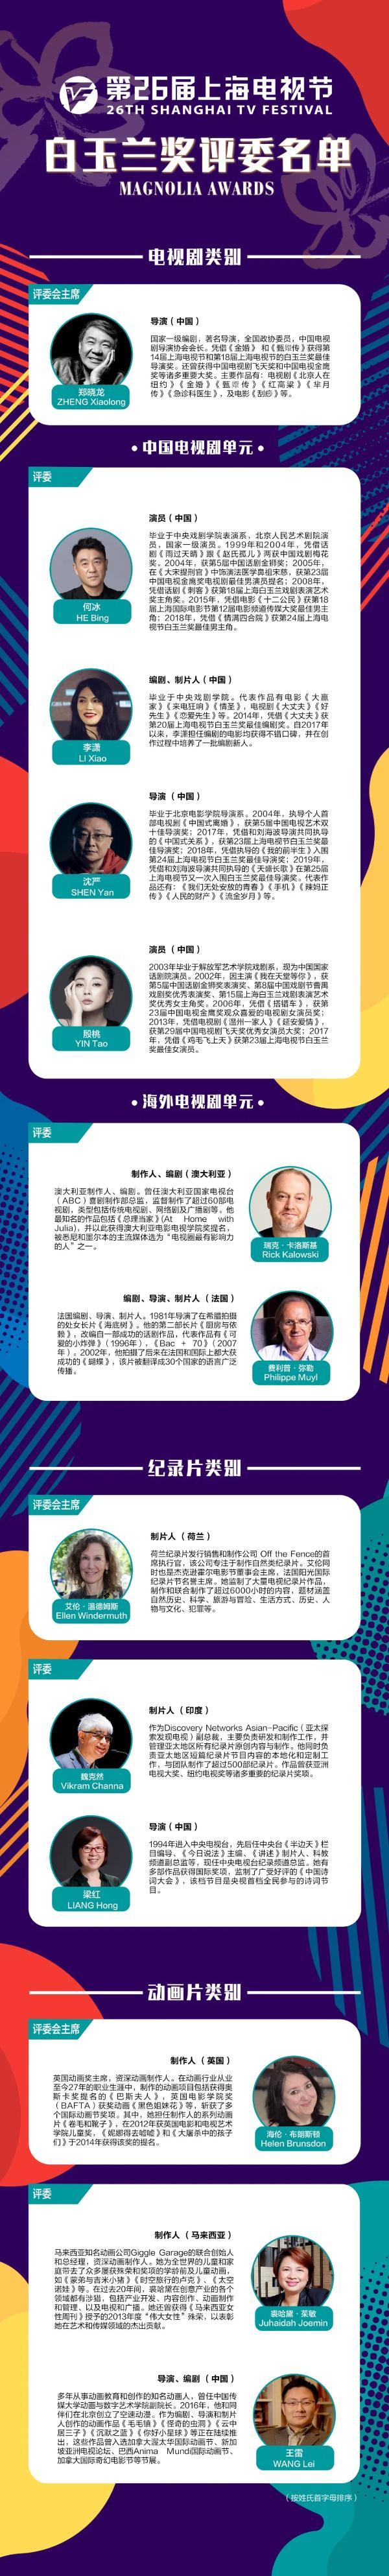 白玉兰奖评委会全名单公布 郑晓龙任电视剧类别评委会主席